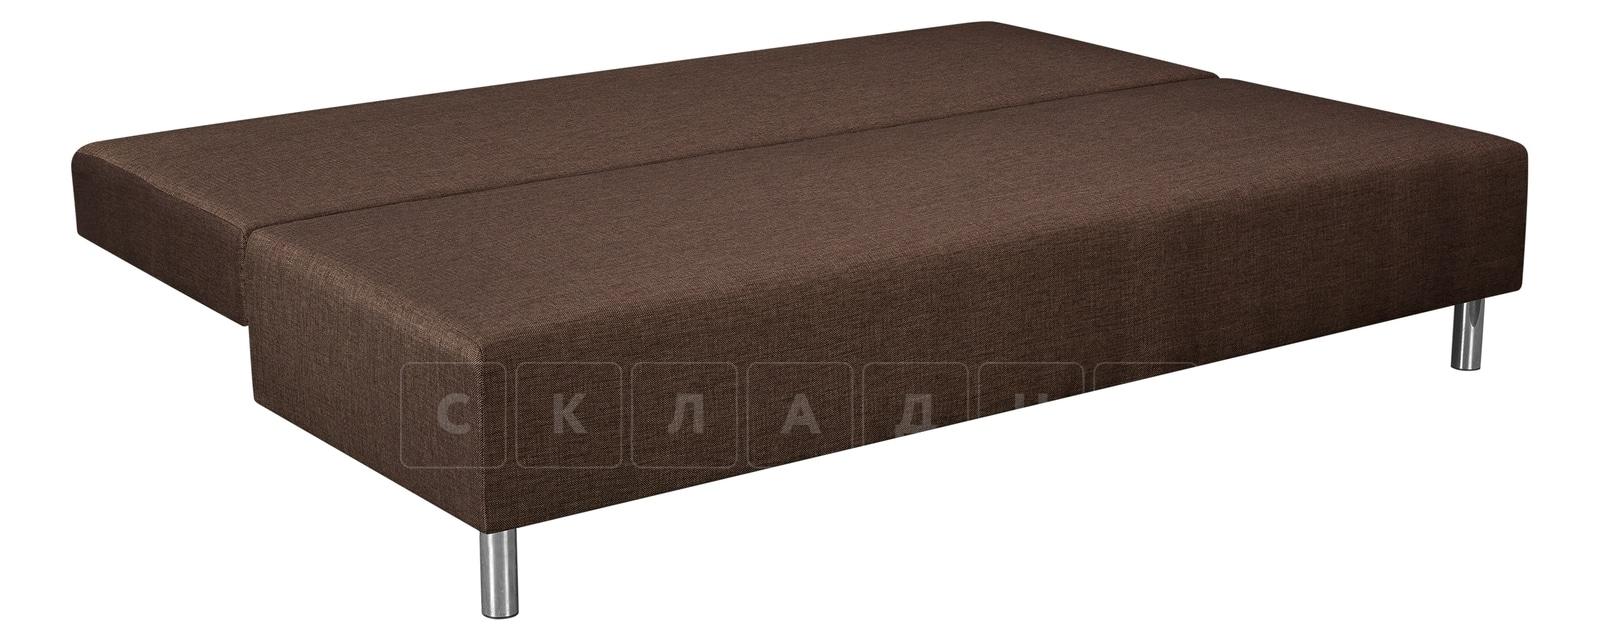 Диван Парма коричневый с бежевым рогожка фото 4   интернет-магазин Складно